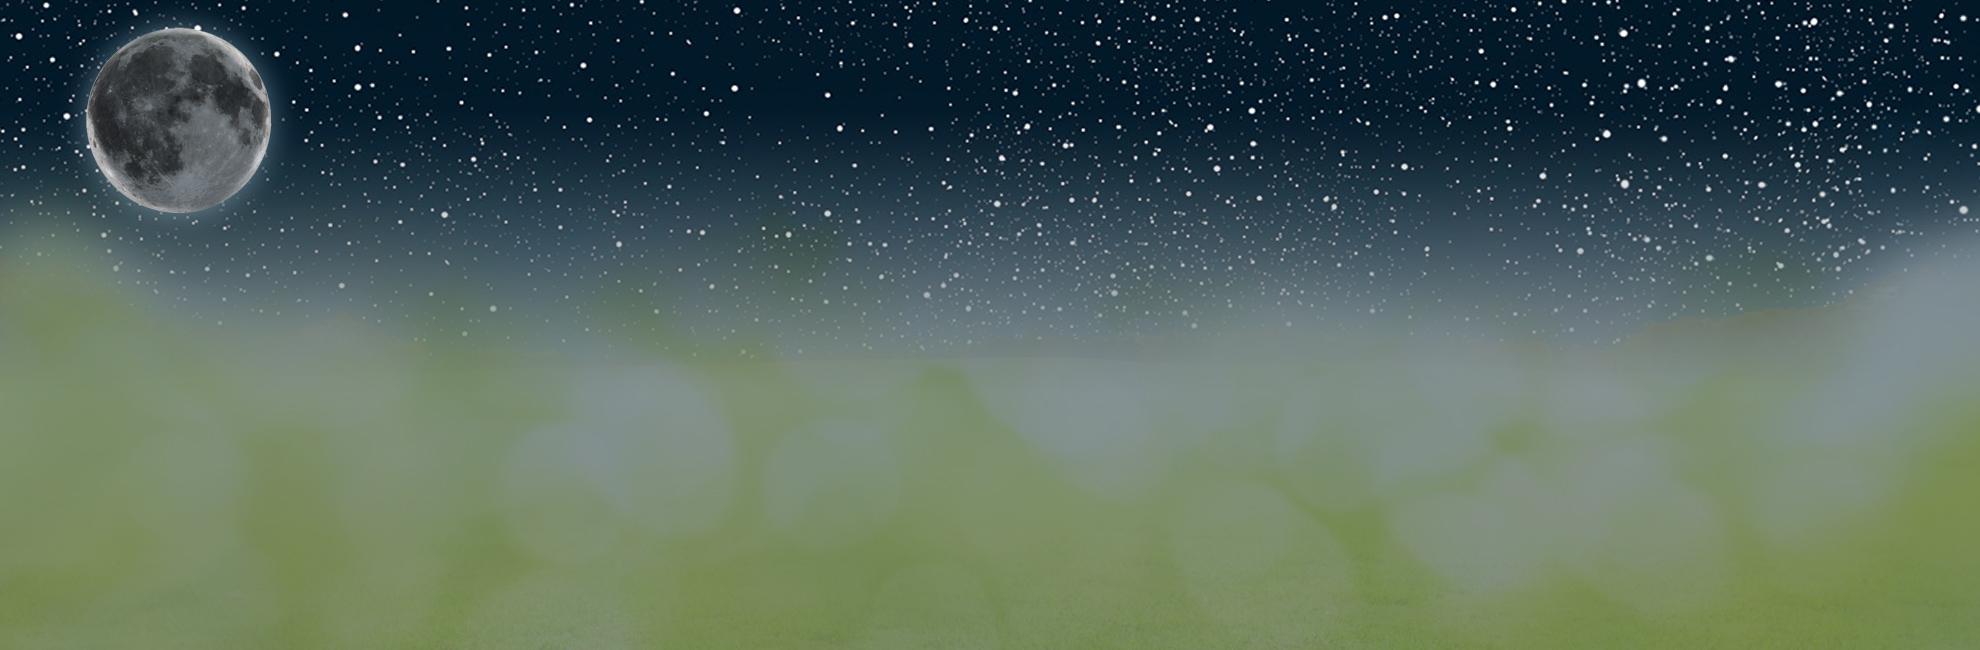 Full Size of Sonnenschutz Fenster Rollo Plissee Velux Einbauen Bauhaus Weru Mit Lüftung Sichtschutzfolien Für Kunststoff Sichtschutz Veka Rehau Hannover Neue Kosten Fenster Sonnenschutz Fenster